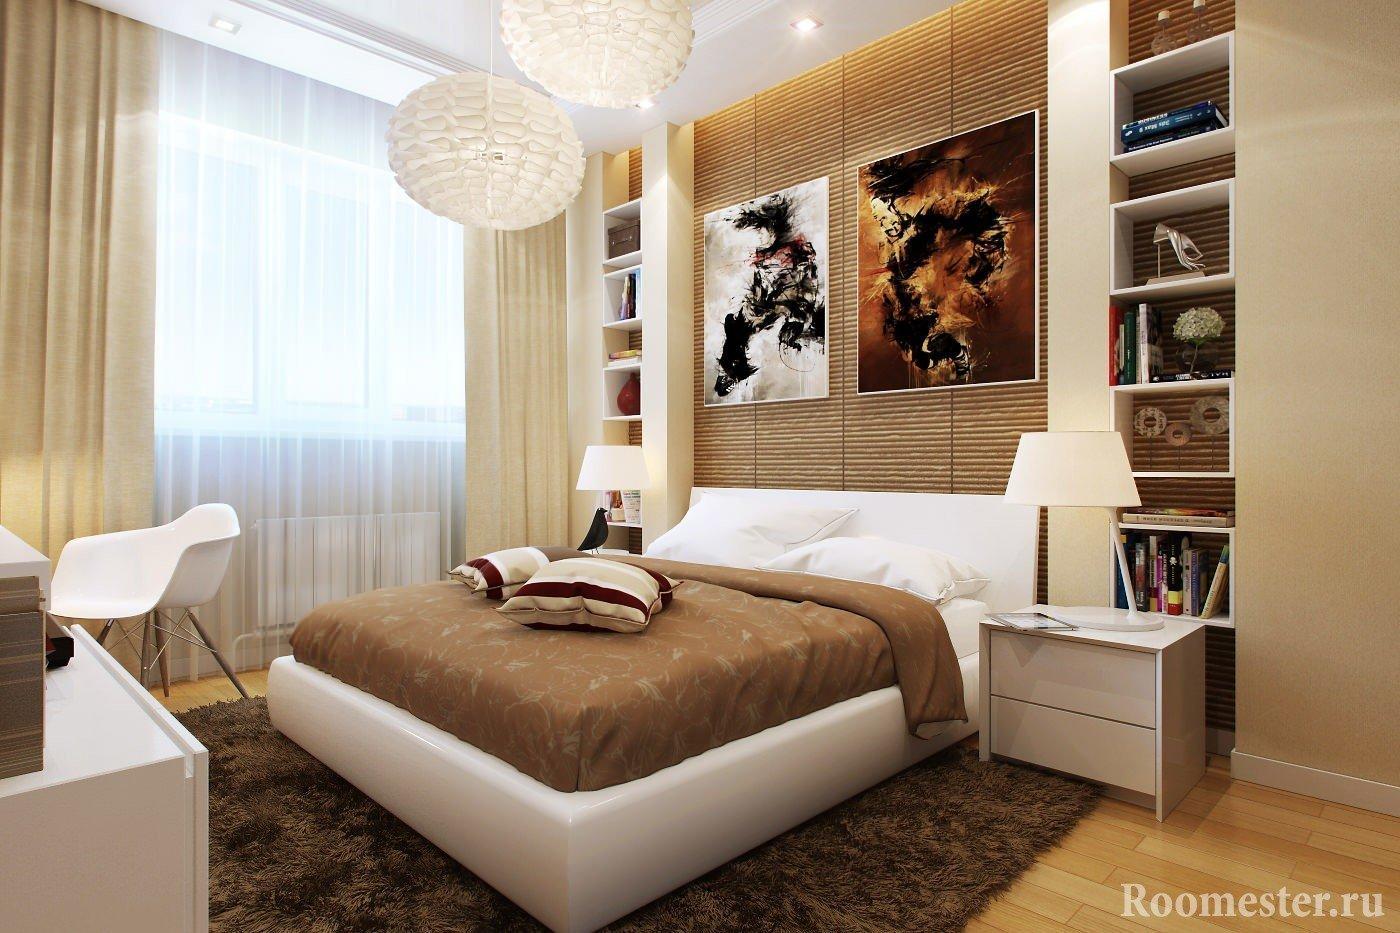 Оригинальные картины над кроватью